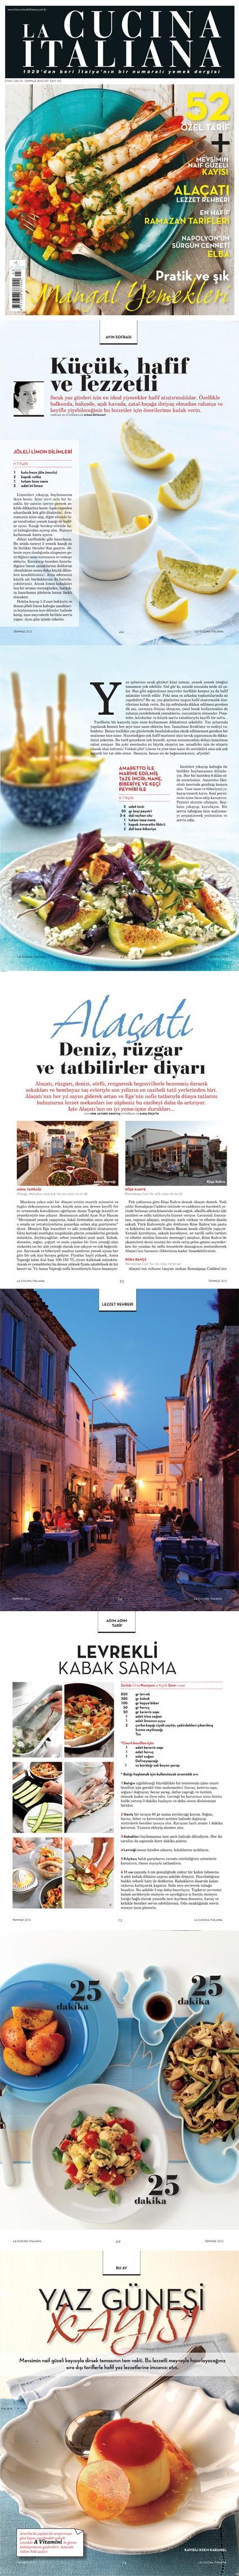 La Cucina Italiana Dergisi Temmuz 2012 Sayısından Küçük bir Özet... Elinizden Bırakamayacaksınız!!!  La Cucina Italiana Temmuz Sayısı Tüm Bayilarde... İstemeyi Unutmayın!!!